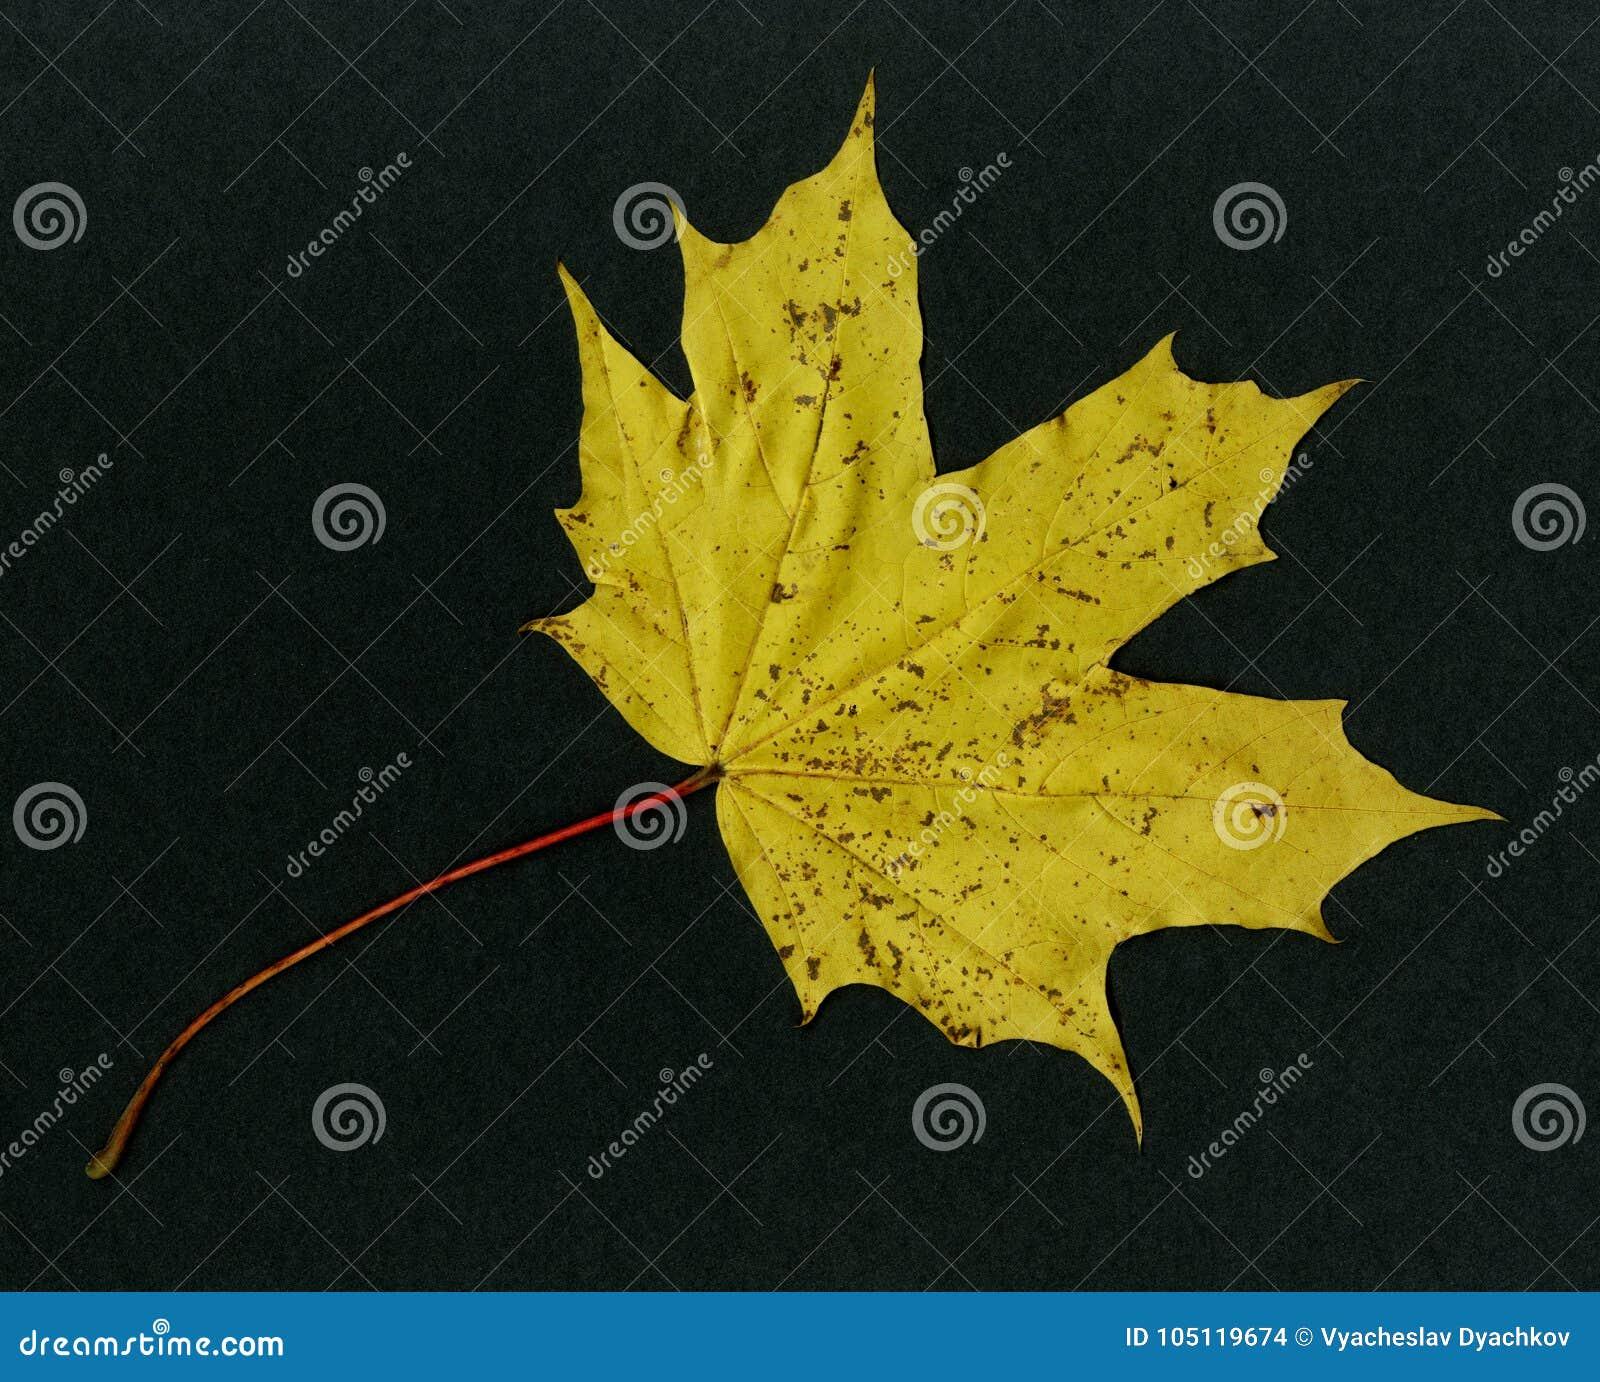 Op zwarte achtergrond - het gele hout van de blad Canadese esdoorn